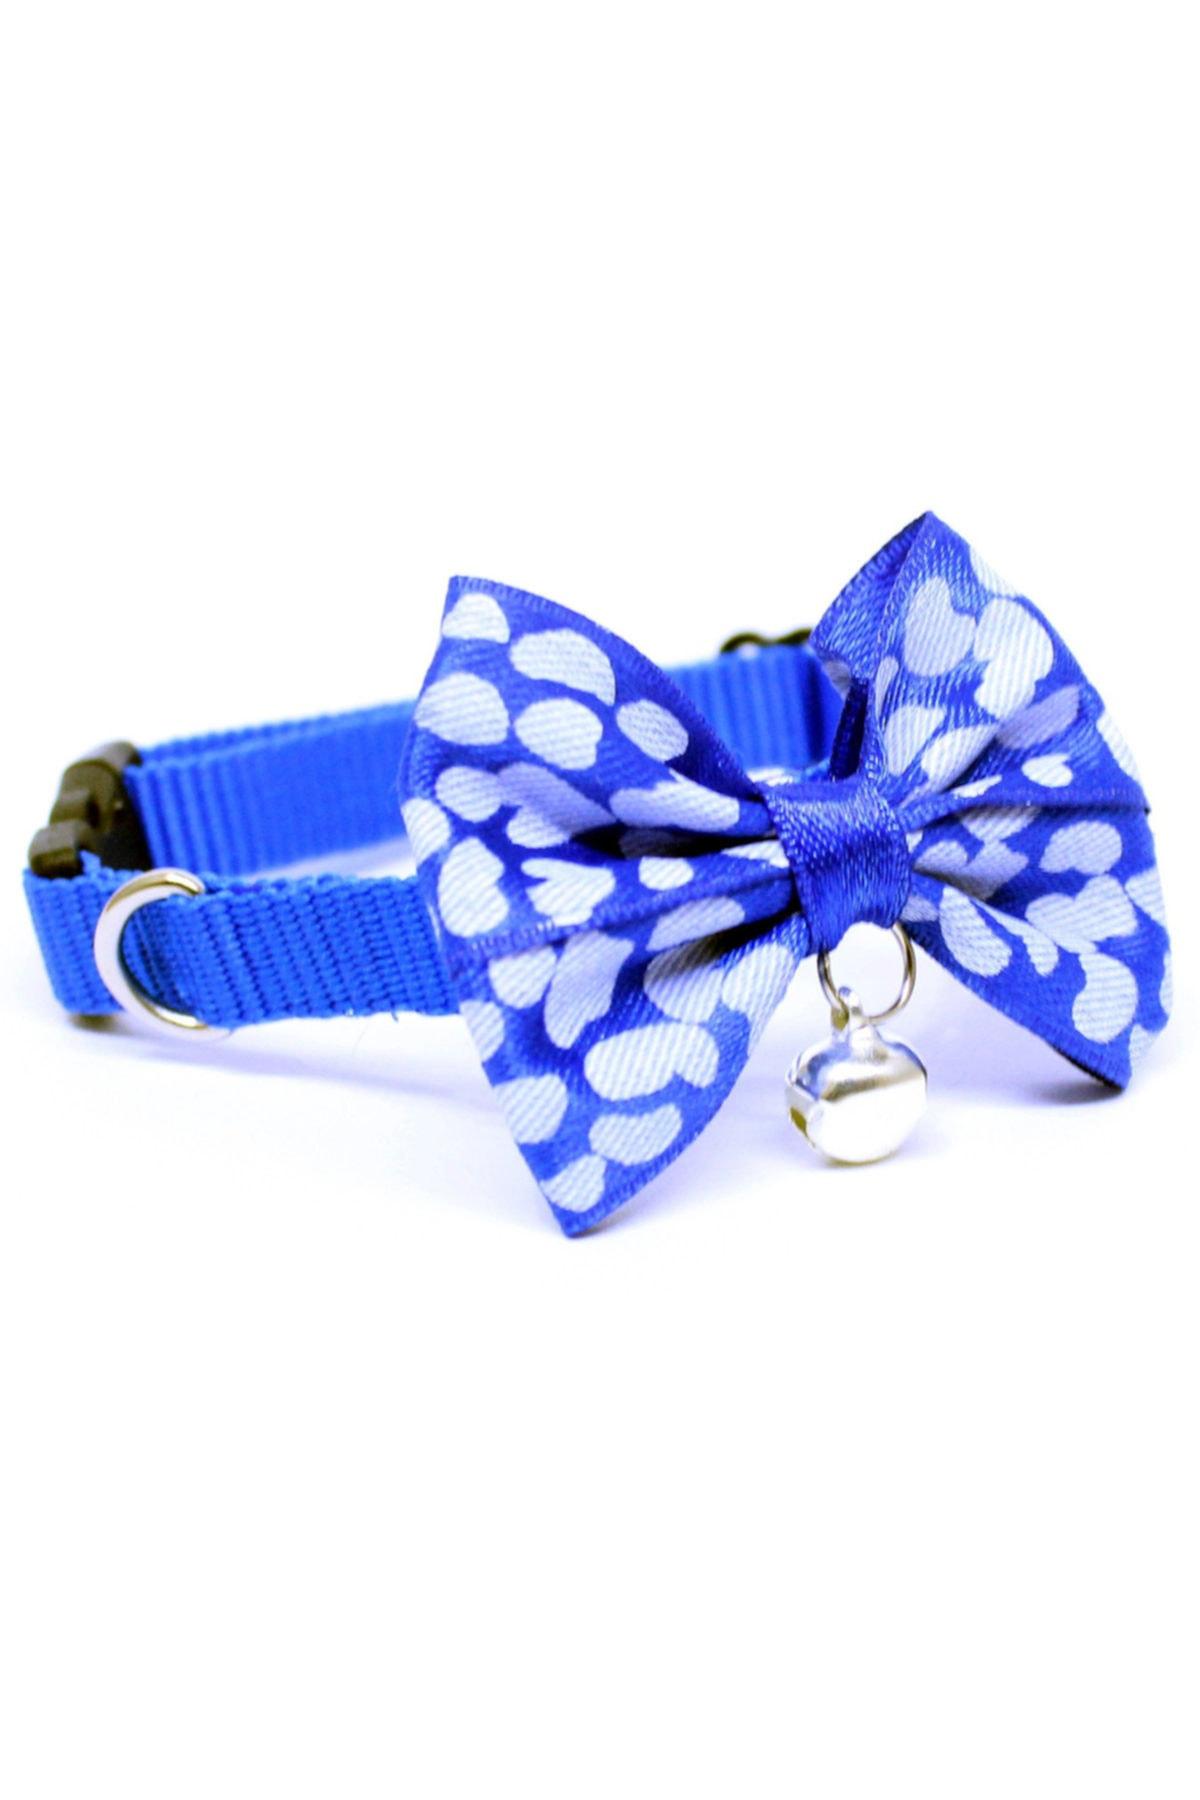 Papyonlu Kedi Boyun Tasması Mavi